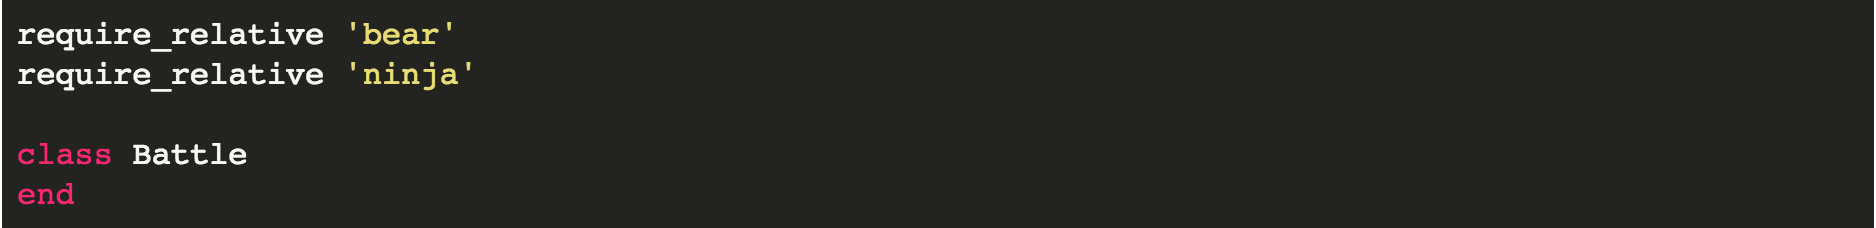 Screen Shot 2017-07-06 at 1.17.42 PM.png